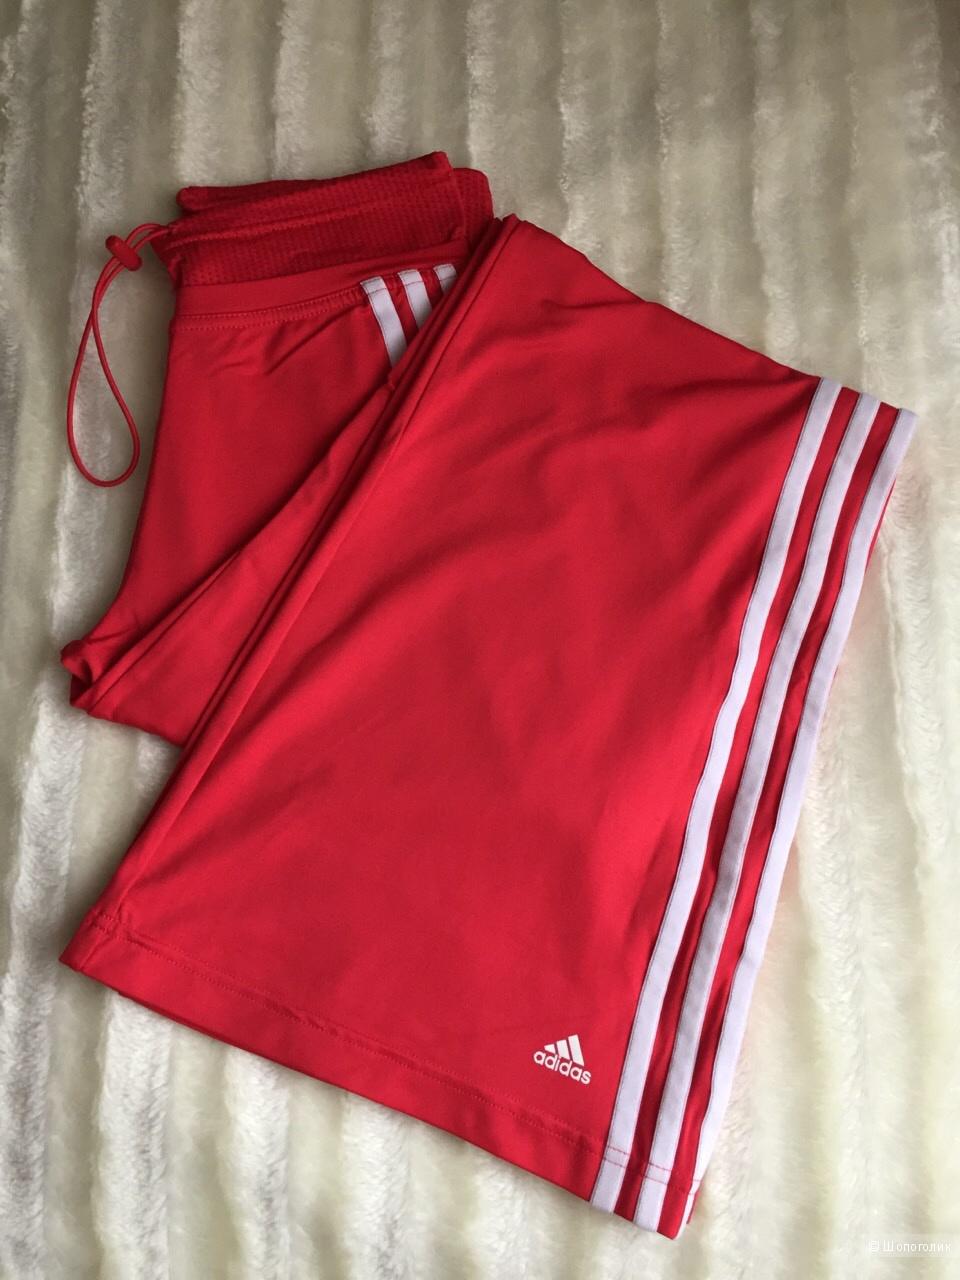 Брюки спортивные «Adidas», р-р, 42-44